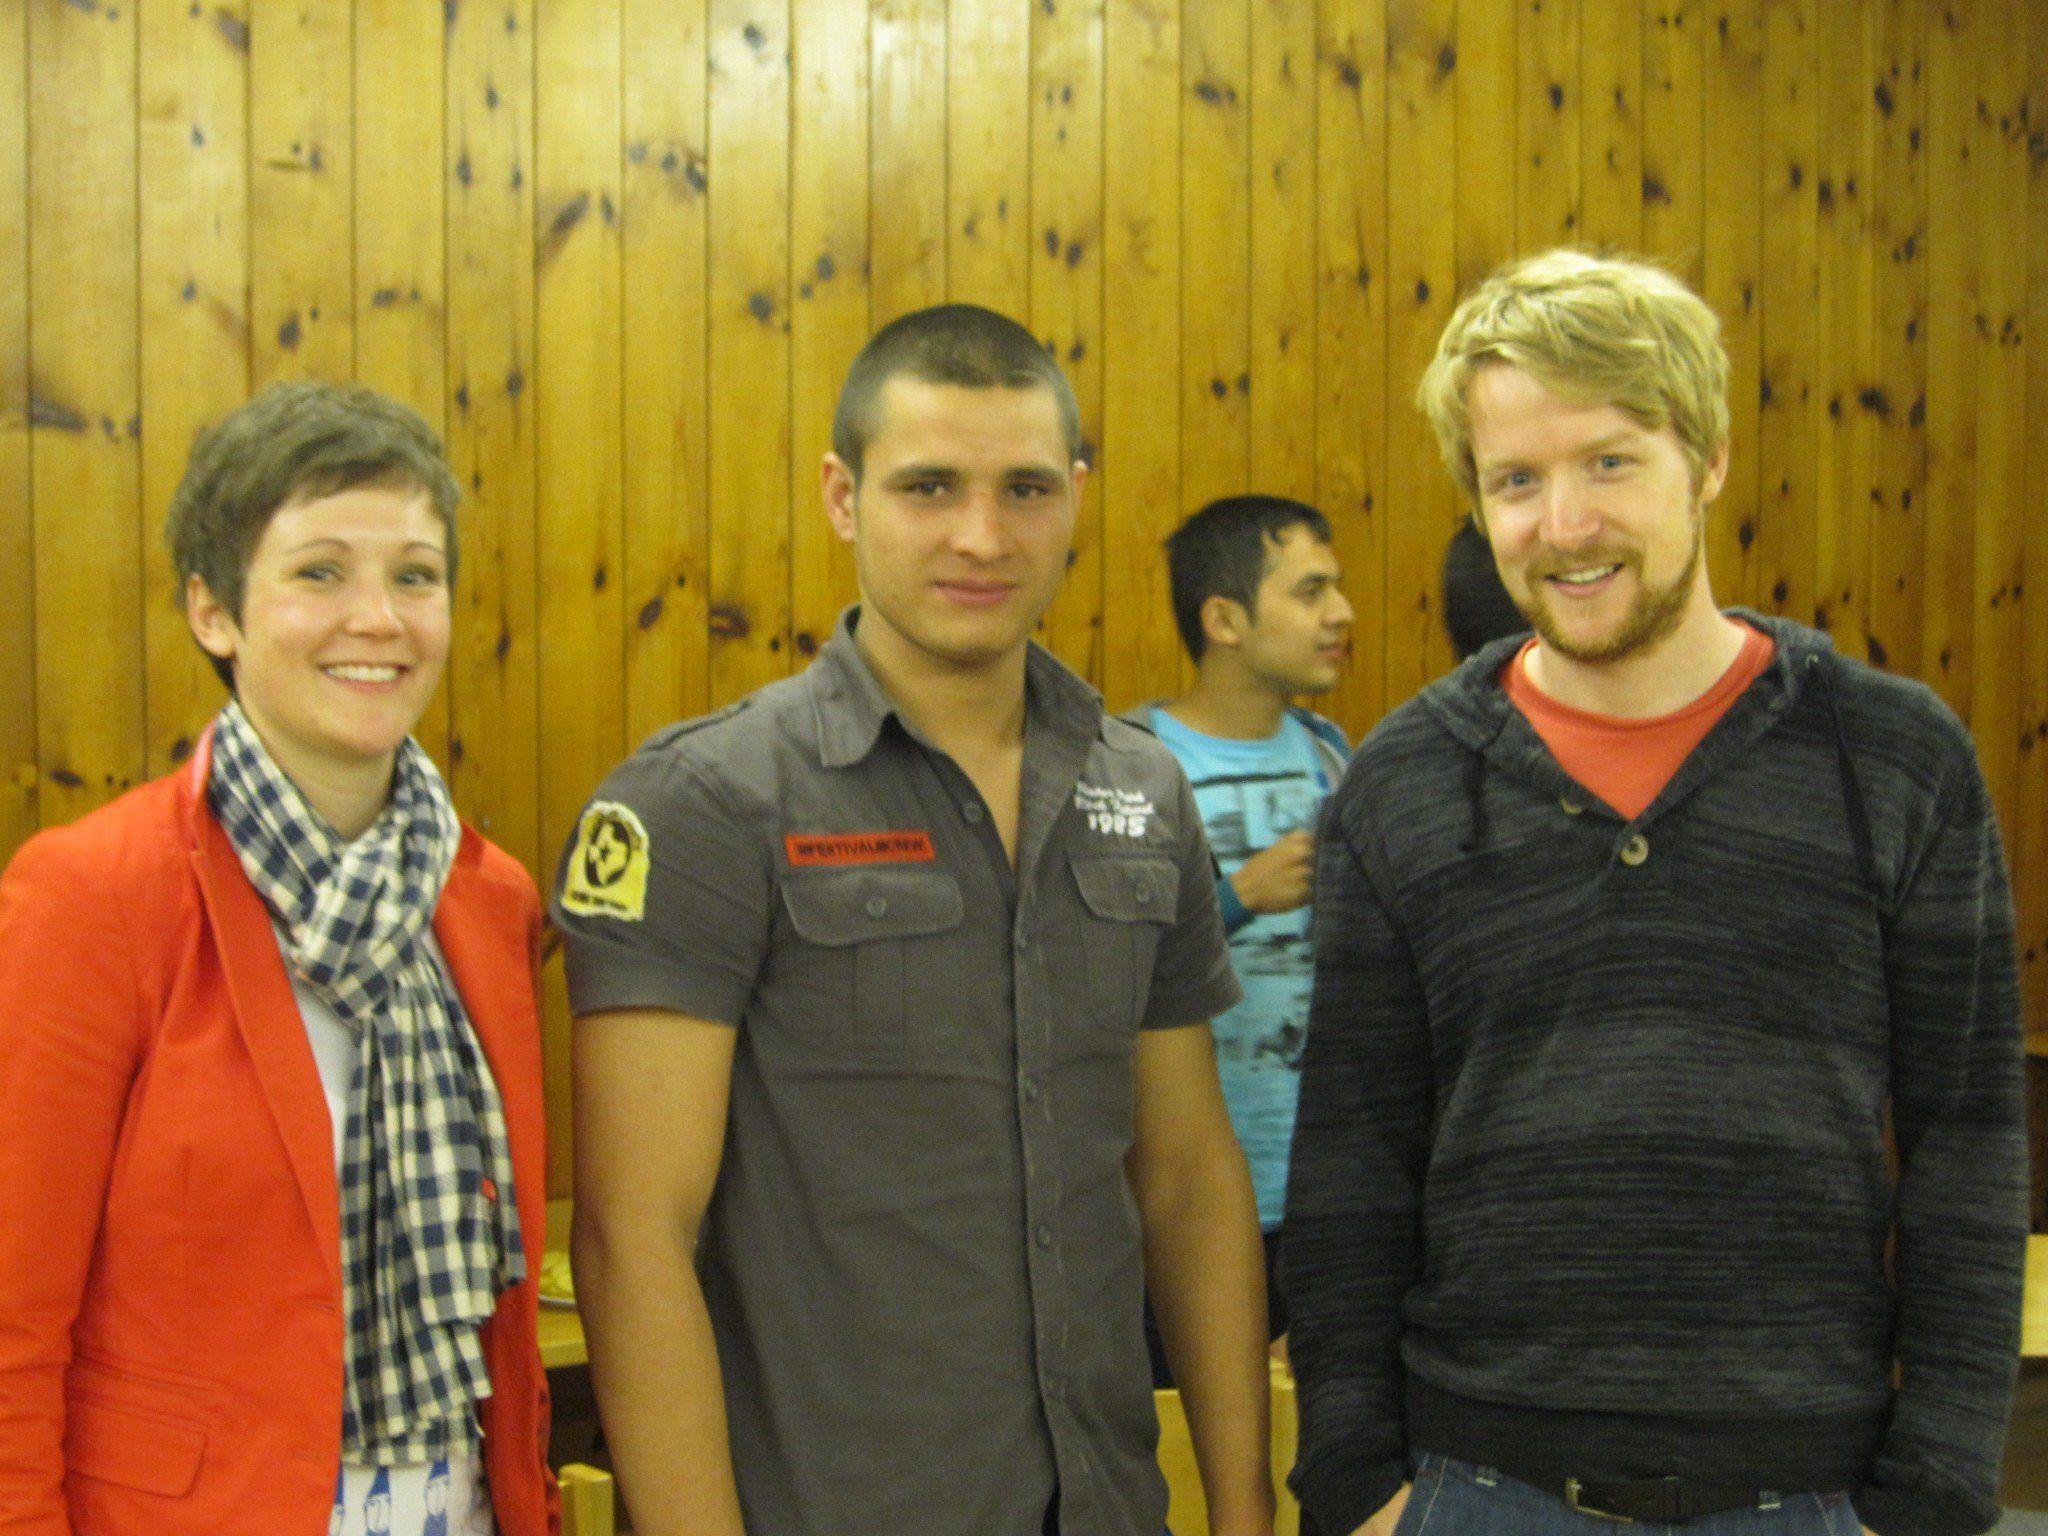 Die Projektsverantwortlichen MMag.a. Eva-Maria Hochhauser (li) und Michael Gams (re) mit einem Workshopteilnehmer.